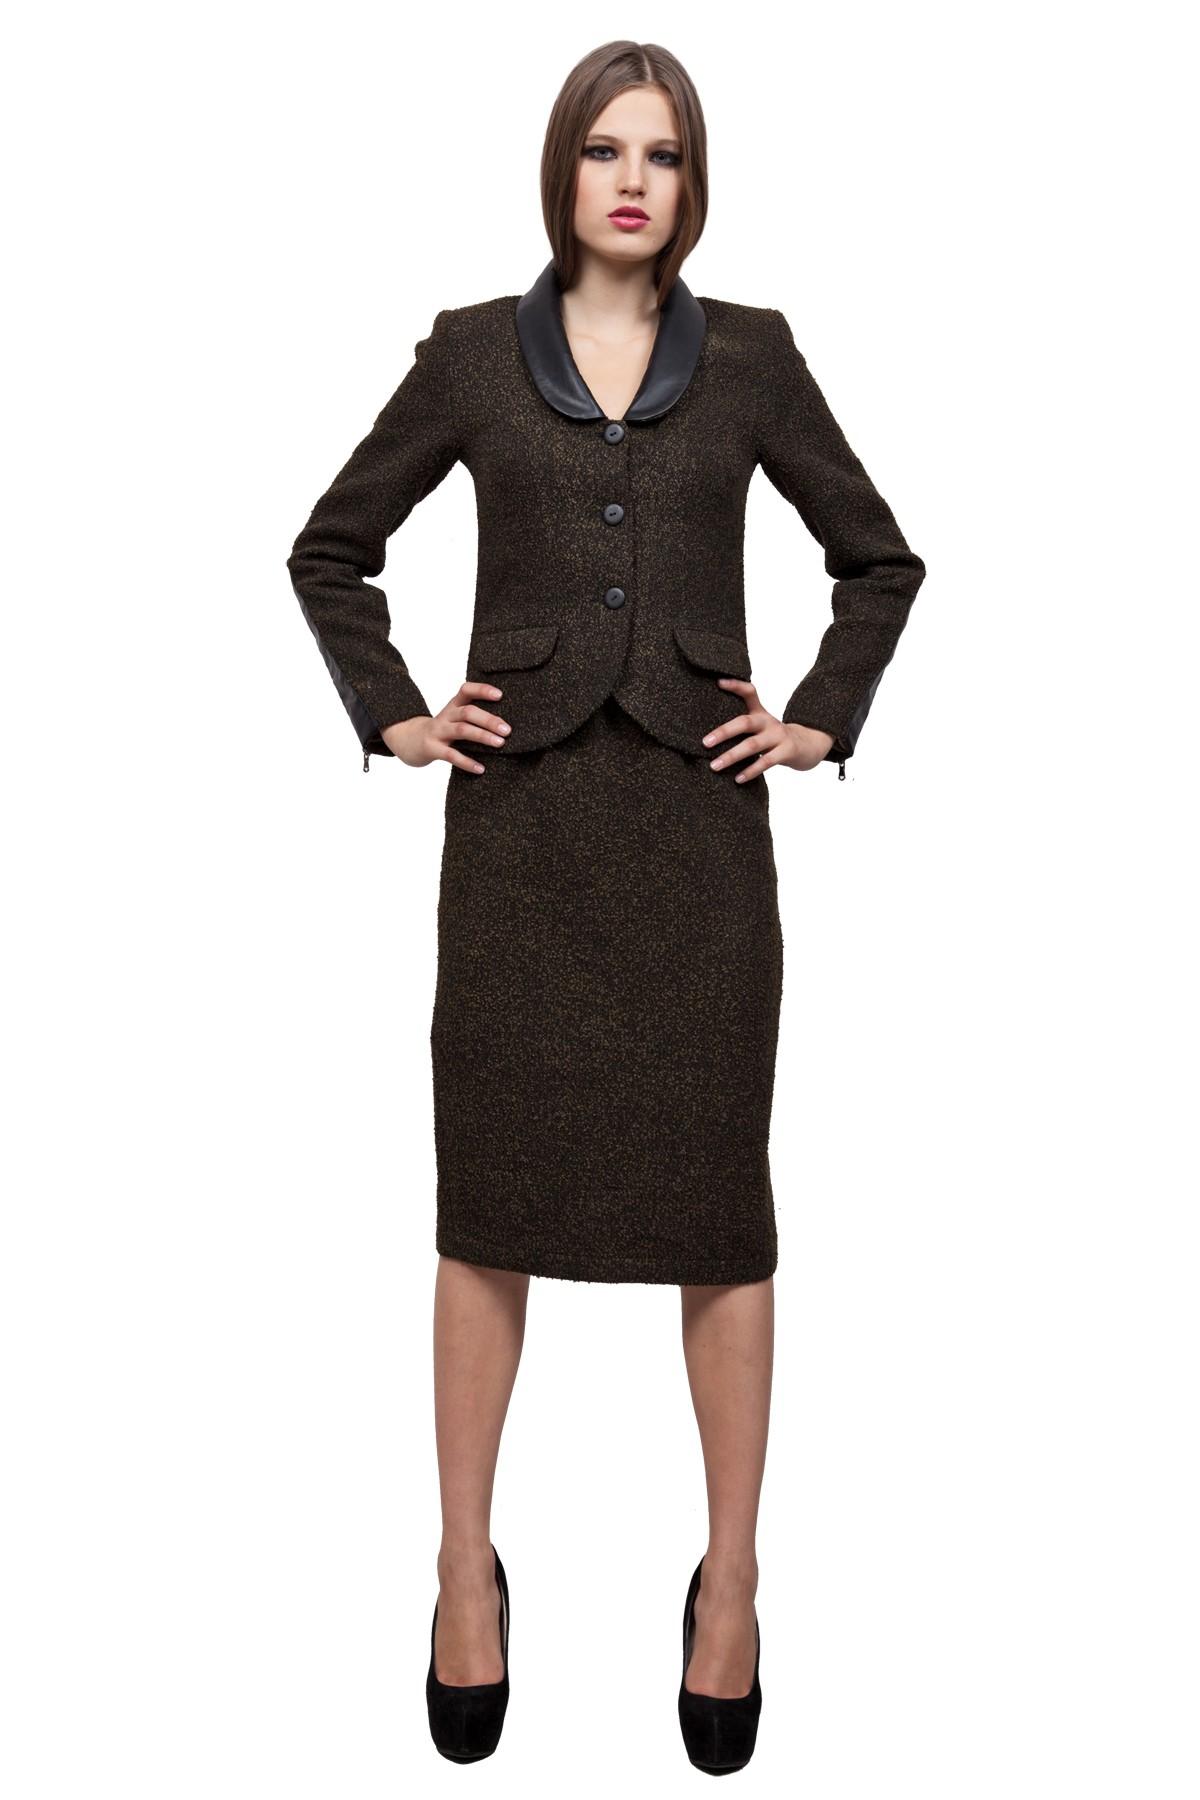 ЖакетЖакеты, жилеты<br>Жакет - незаменимая вещь в гардеробе любой девушки, поскольку является отличным дополнением практически к любому стилю. Изделие, выполнено из ткани букле и декорировано деталями из кож.зама. С этой моделью будут великолепно смотреться многие вещи из Вашег<br><br>Цвет: хаки, черный<br>Состав: ткань1-30%шерсть, 30%полиэстер, 30%акрил, 10%полиамид, ткань2-100%полиэстер, подкладка -54%полиэстер, 46%вискоза<br>Размер: 40,42,44,46,48,50,52,54,56,58,60<br>Страна дизайна: Россия<br>Страна производства: Россия